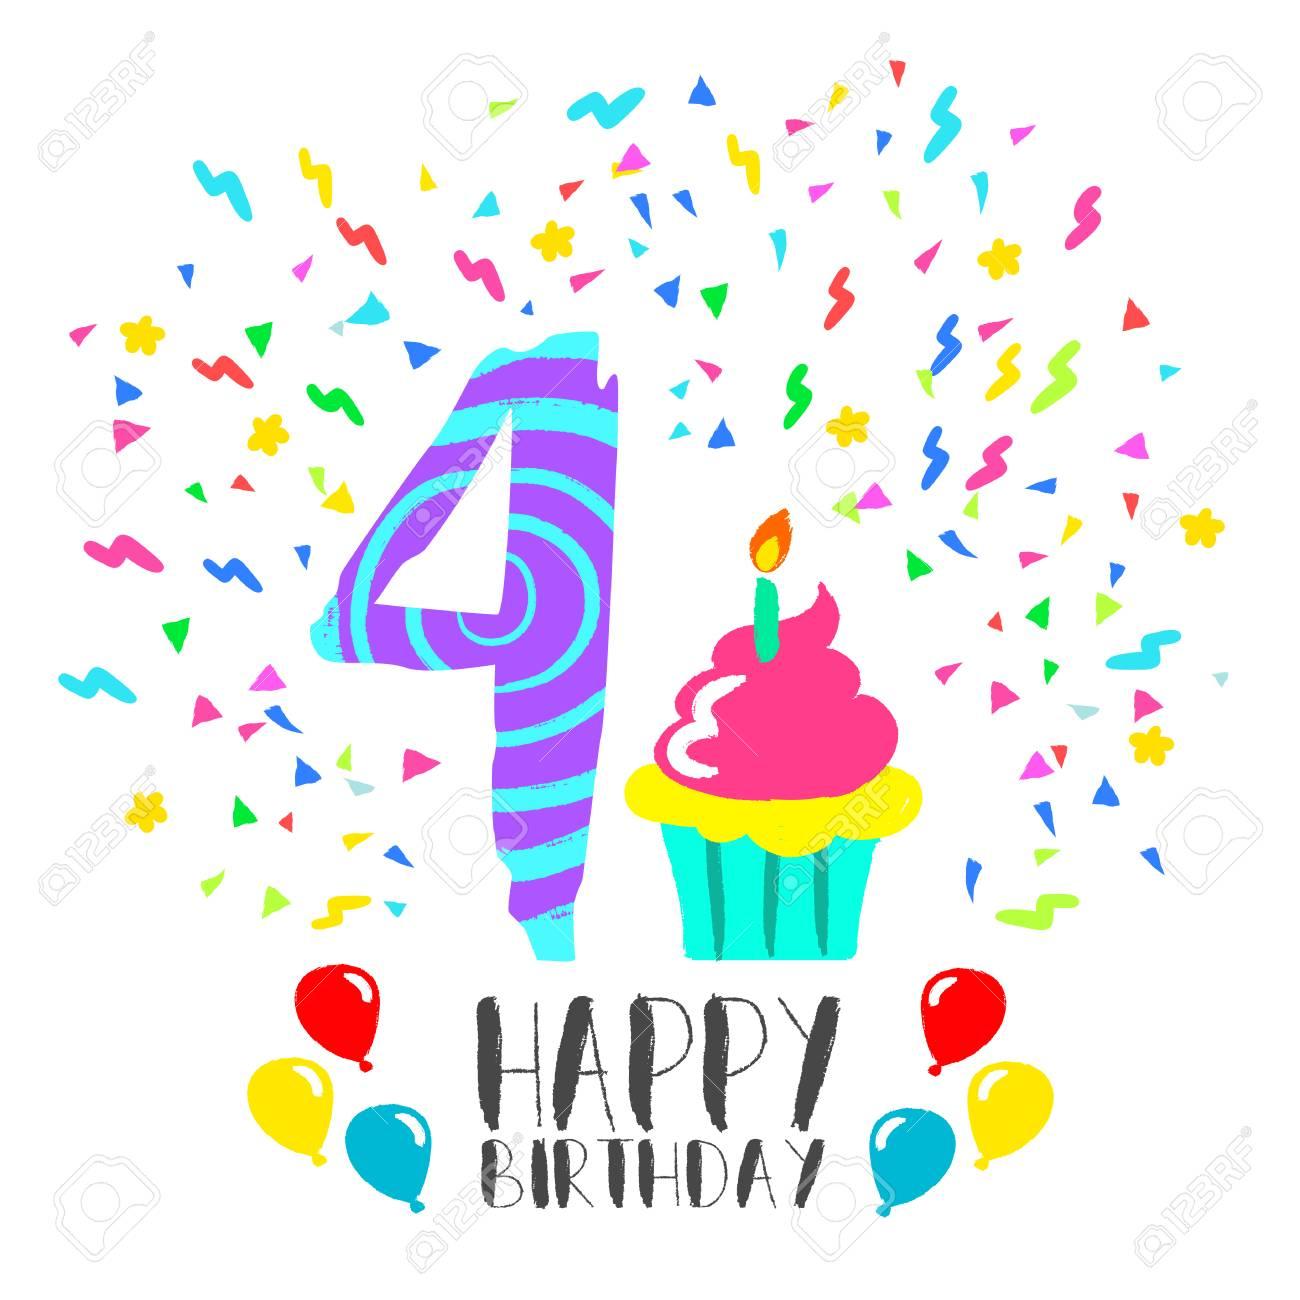 Joyeux Anniversaire Numéro 4 Carte De Voeux Pour Quatre Ans En Style Art Amusant Avec Confettis Et Gâteau De Fête Invitation Danniversaire